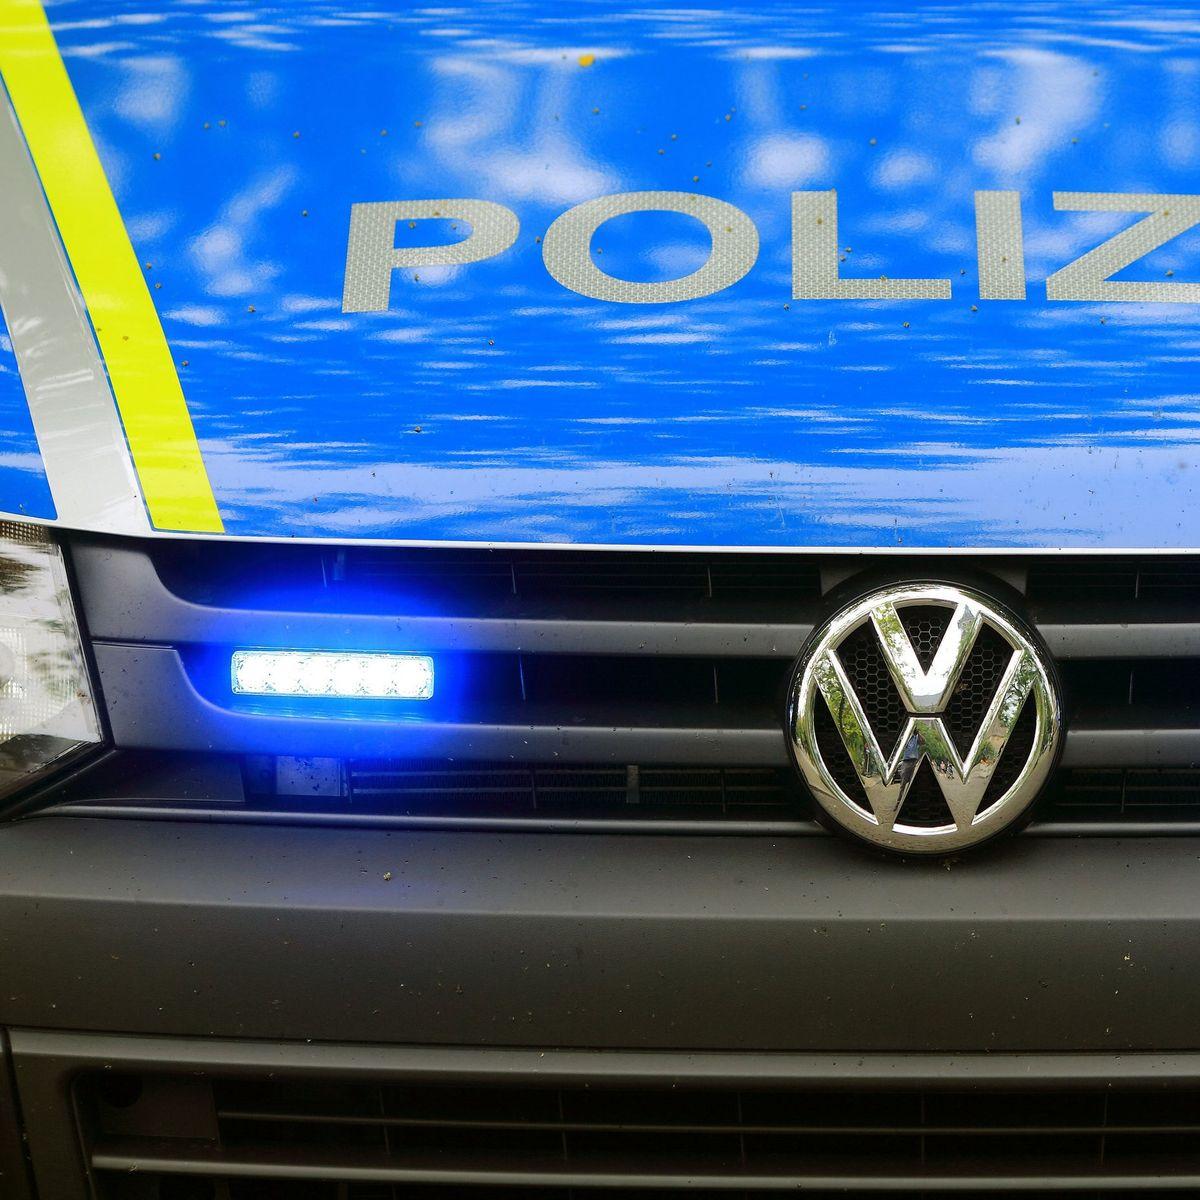 Suchaktion in NRW: Vermisste Zweijährige wohlbehalten in Garage gefunden